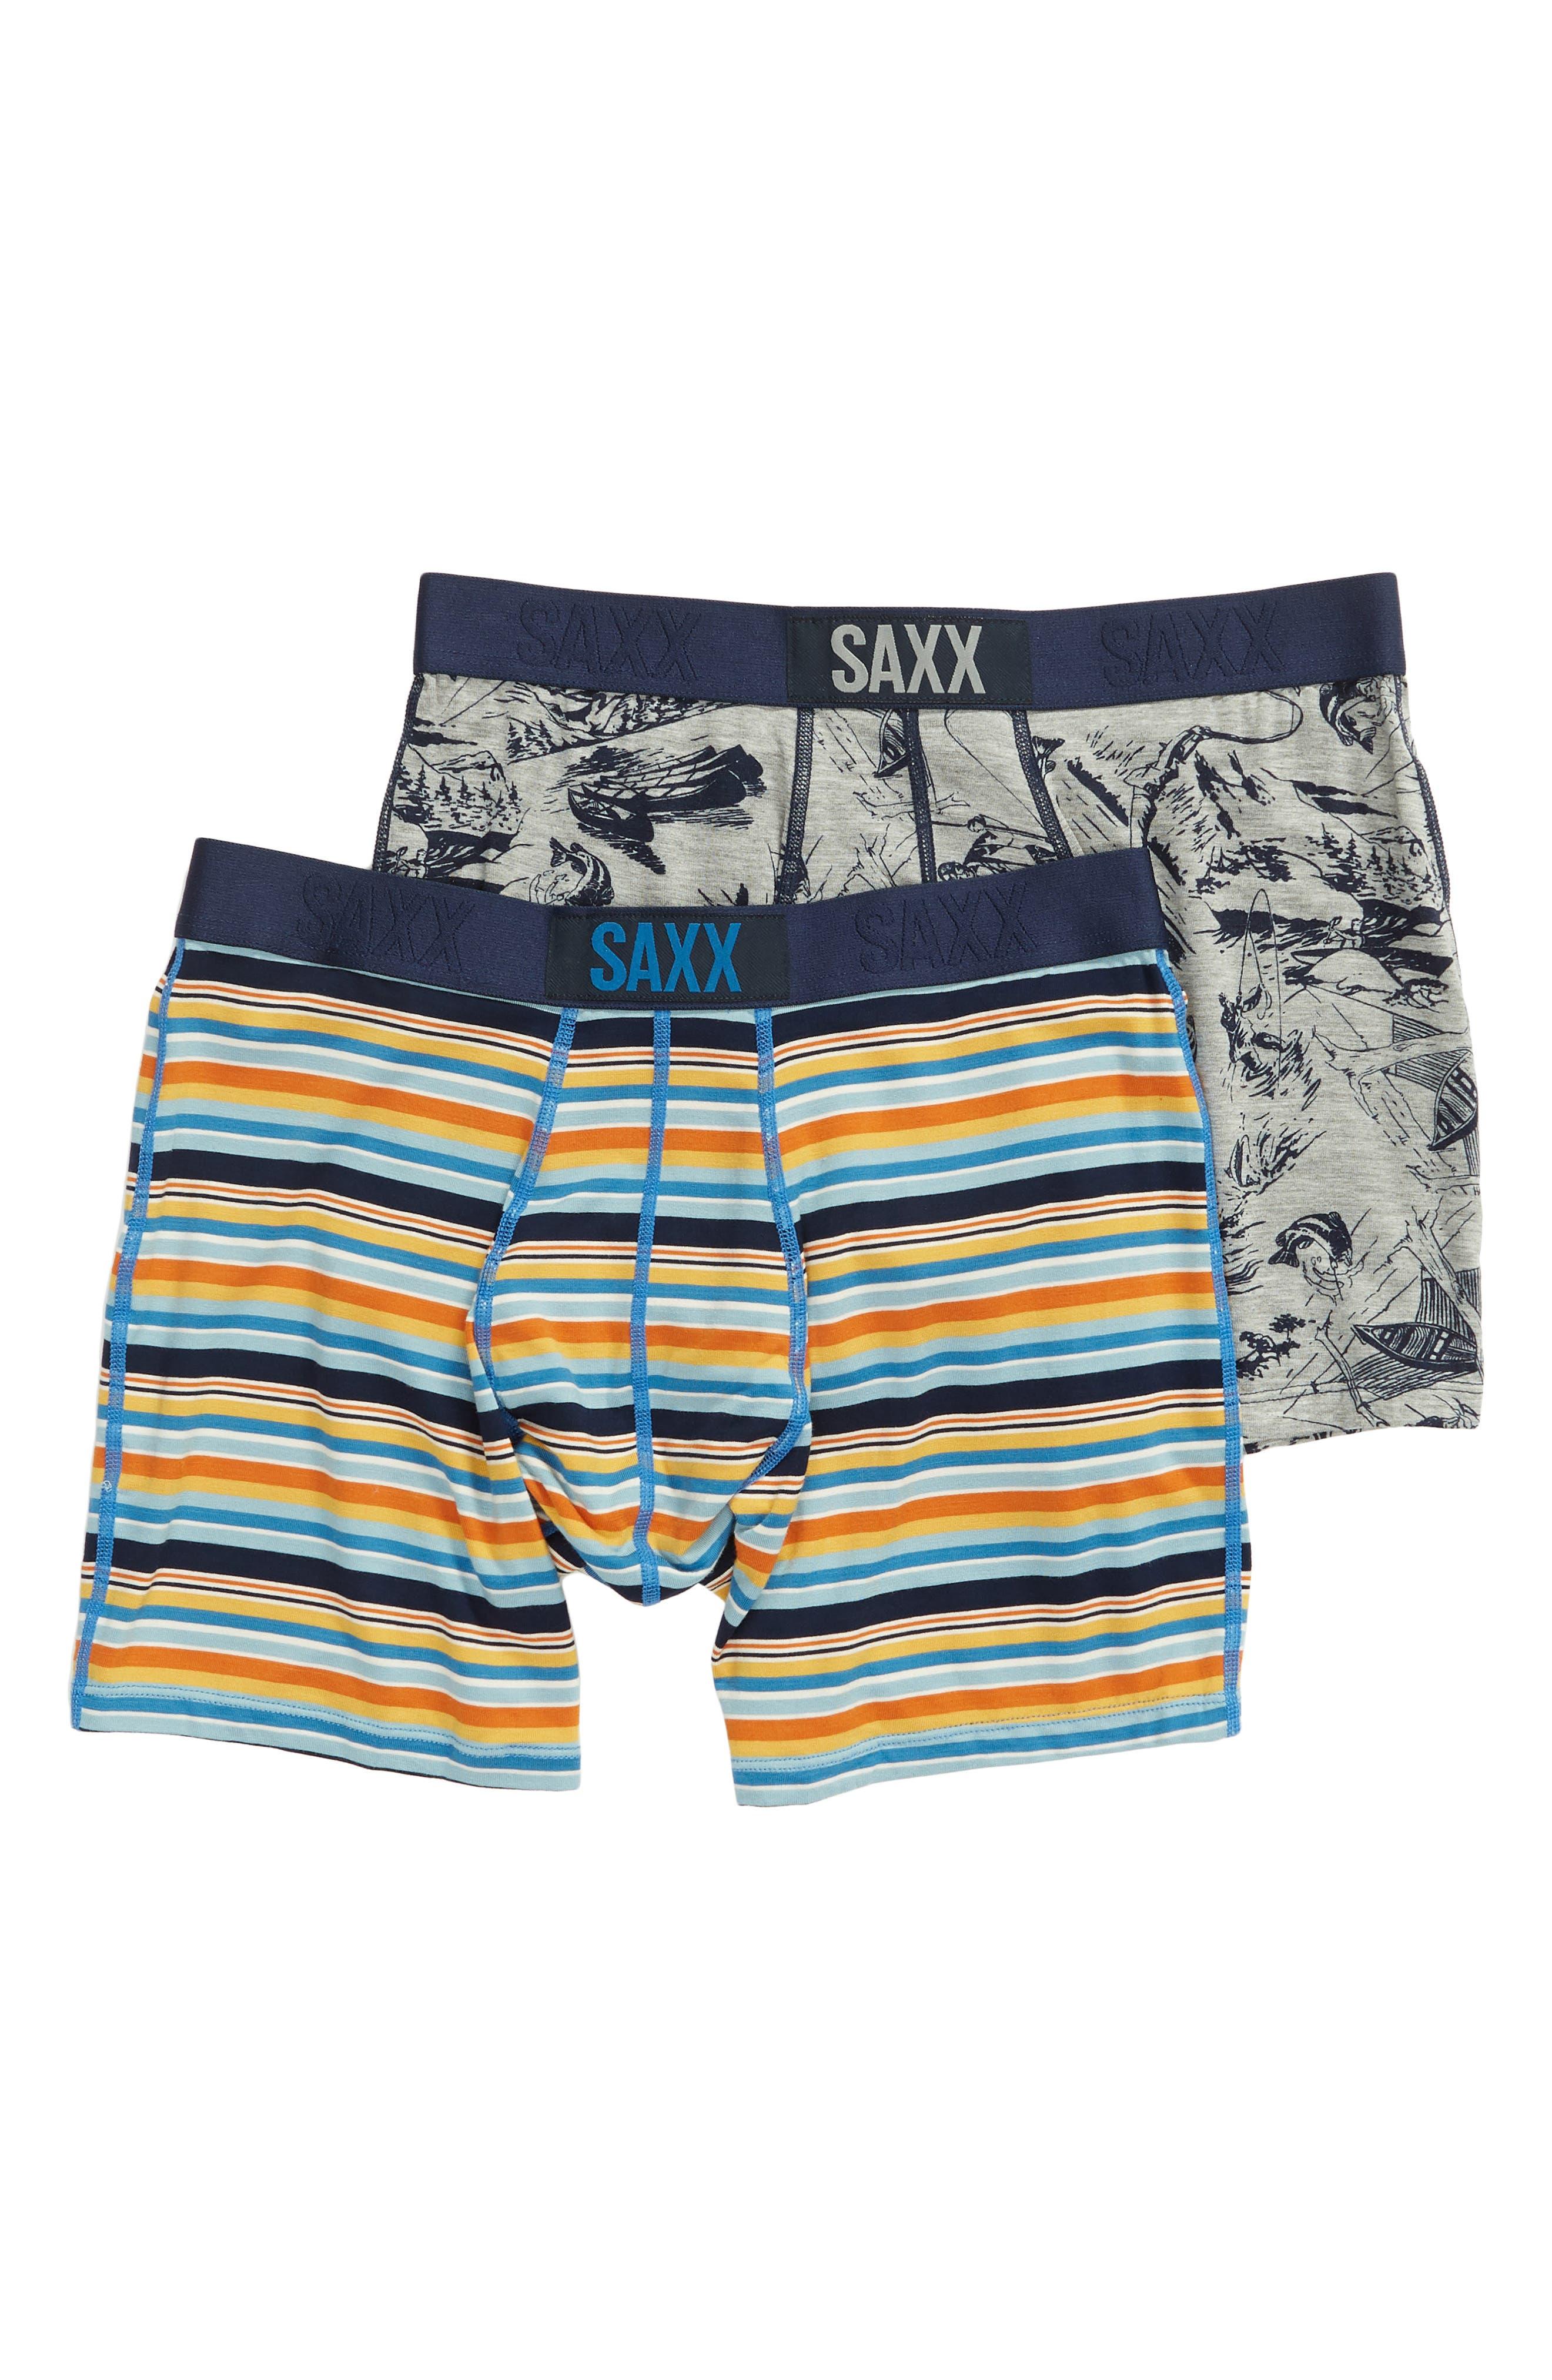 Vibe Fisherman 2-Pack Boxer Briefs,                         Main,                         color, FISHERMAN